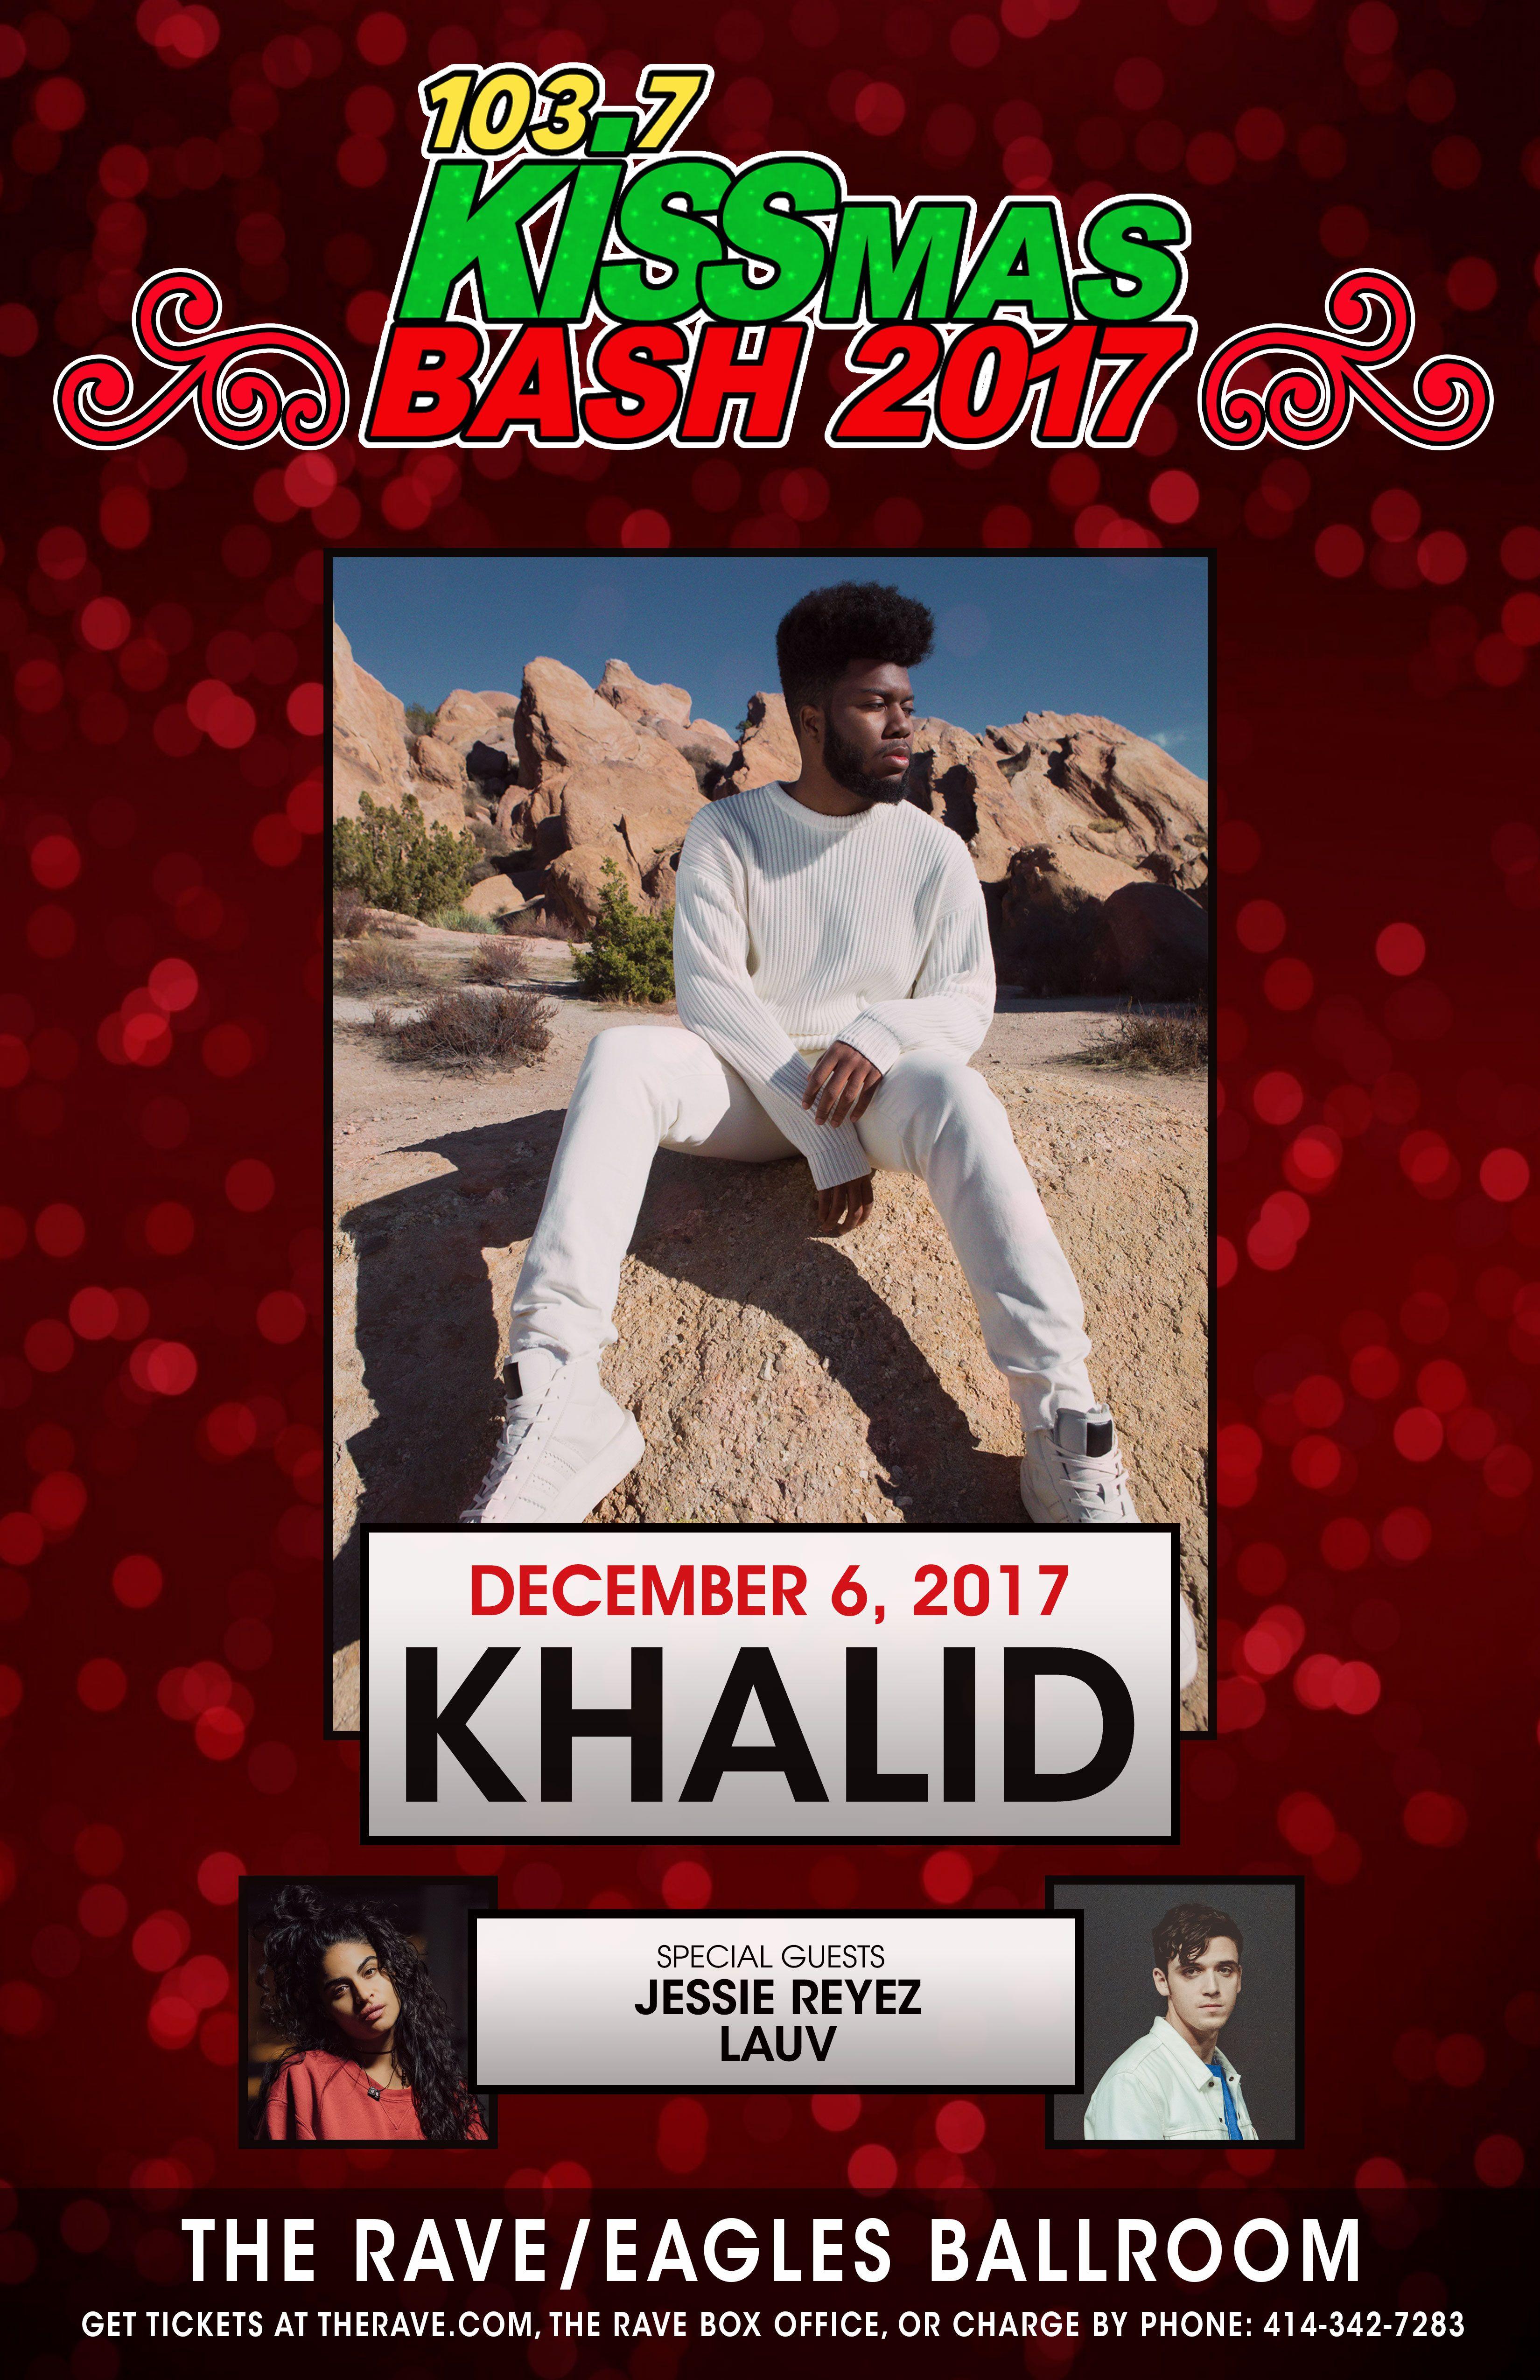 103 7 Kiss Fm Presents Kissmas Bash 2017 Khalid With Jessie Reyez